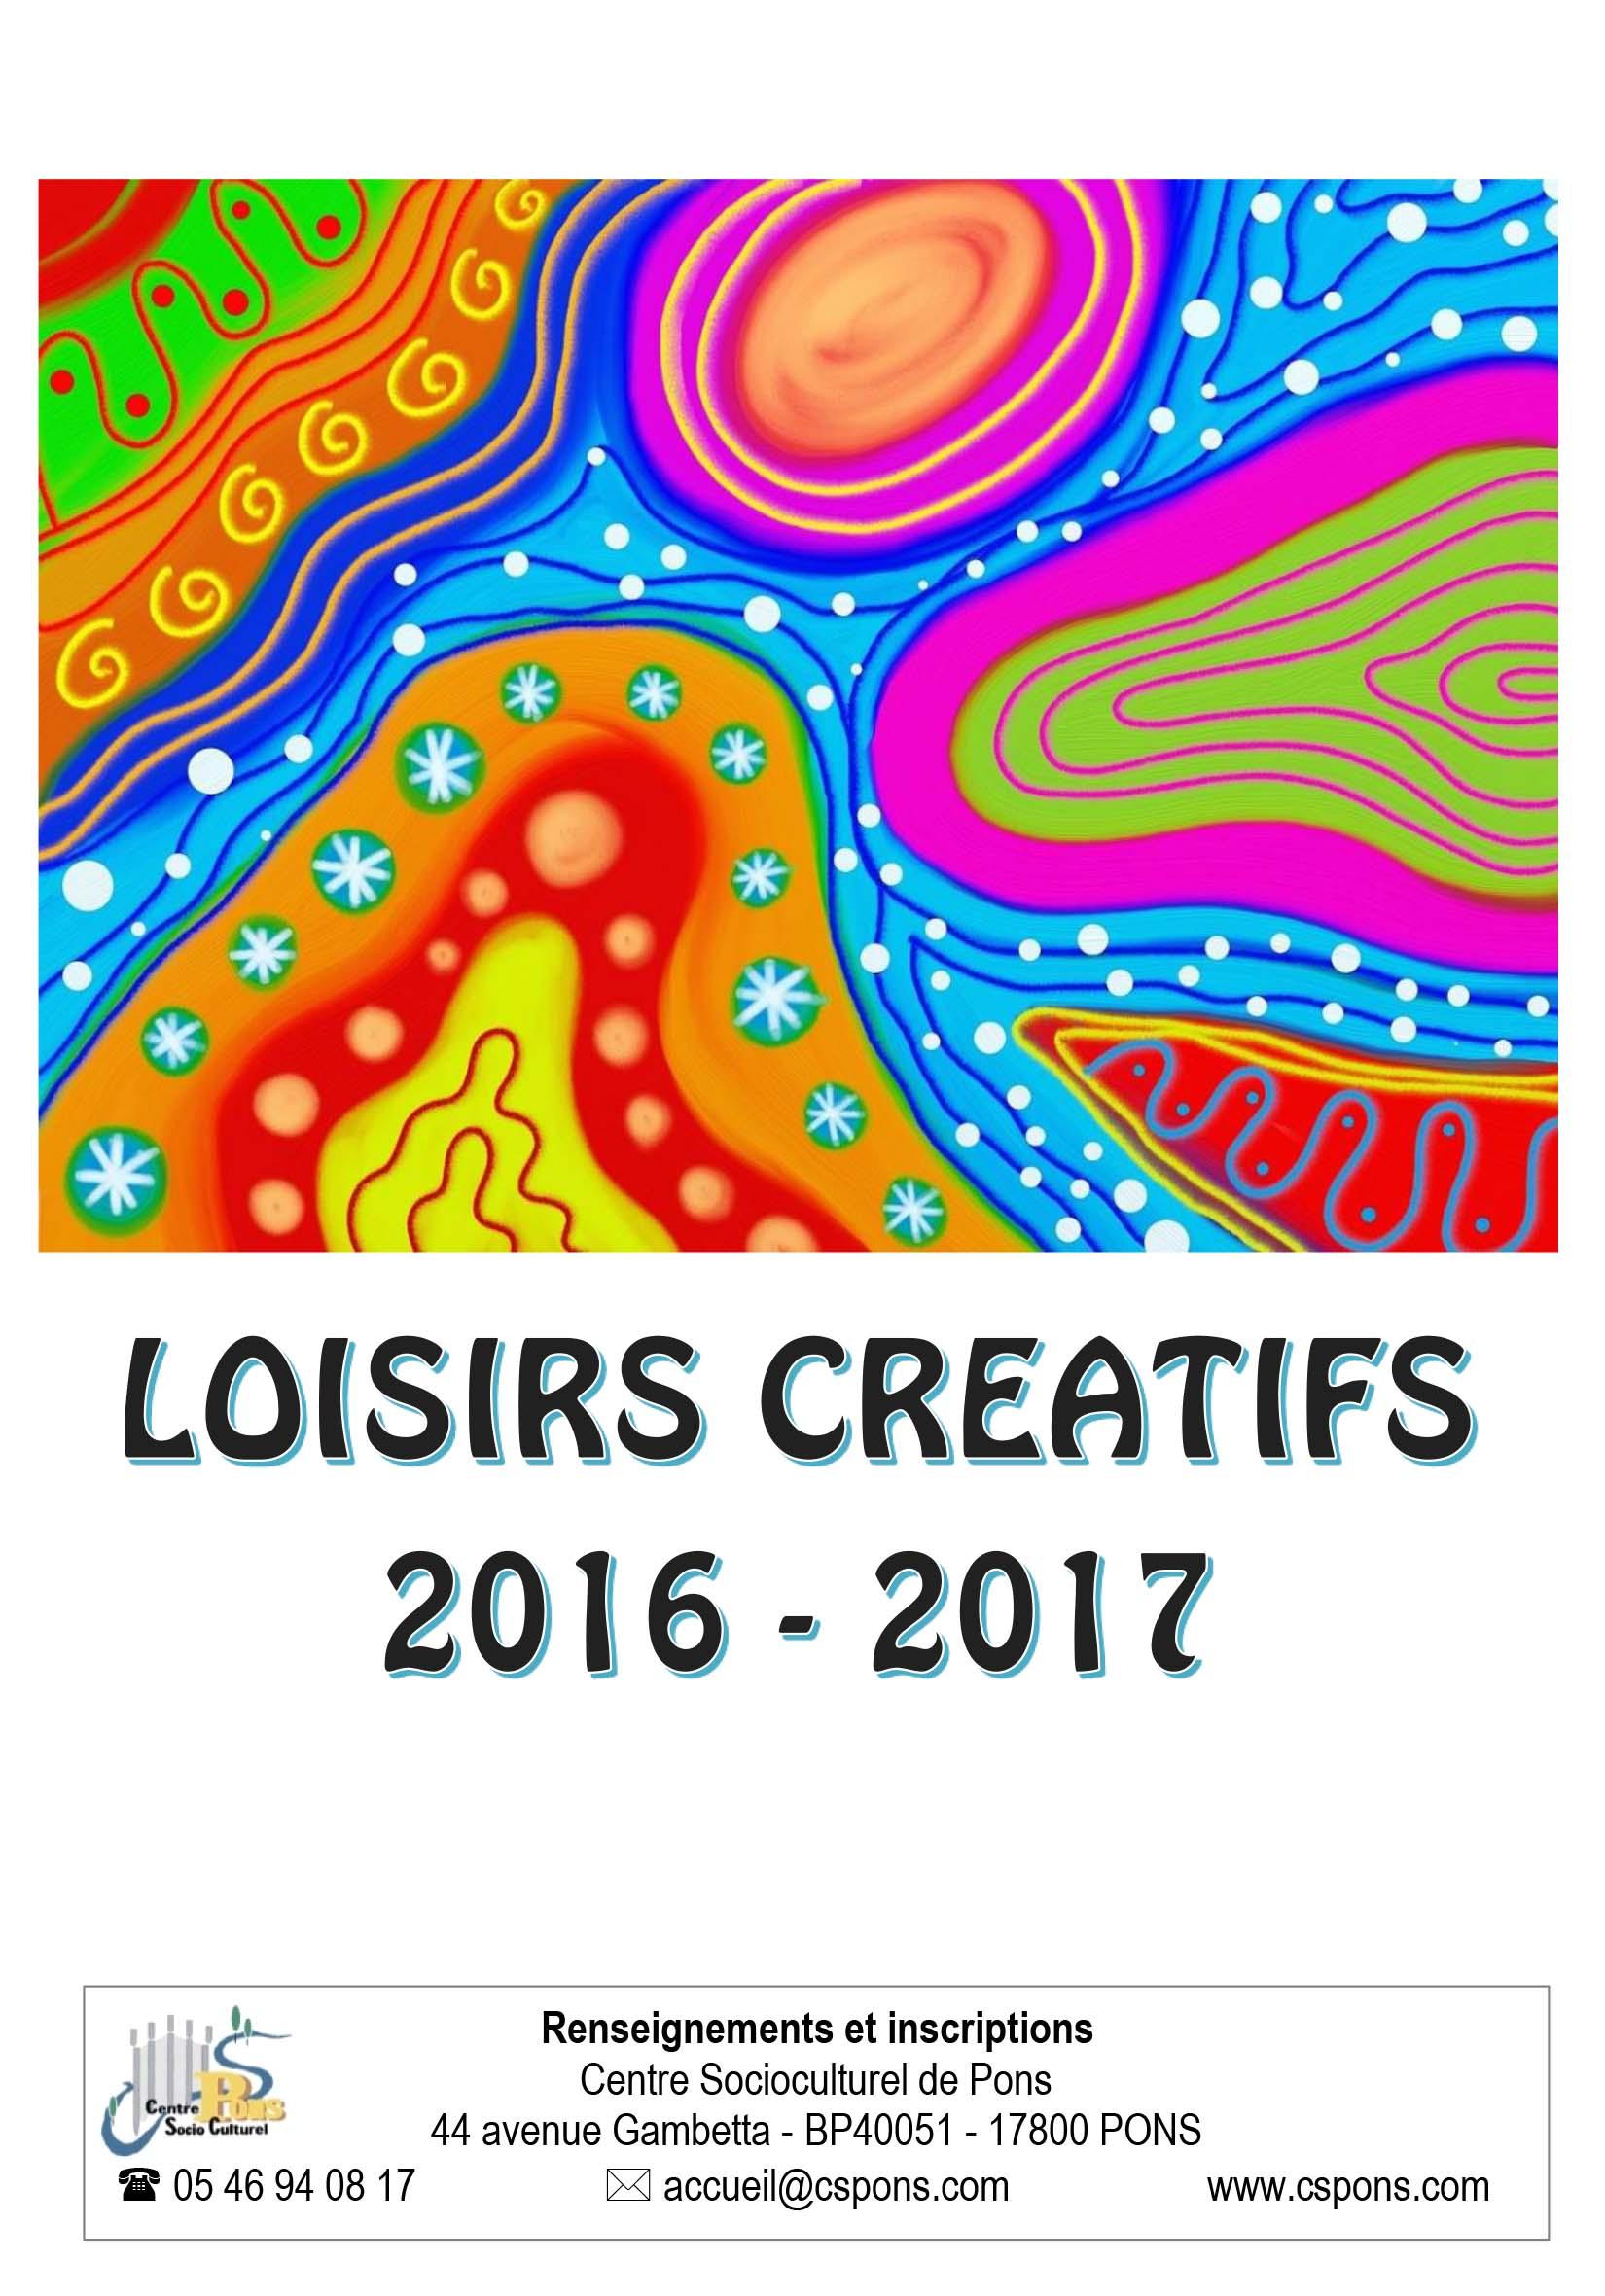 LOISIRS CREATIFS